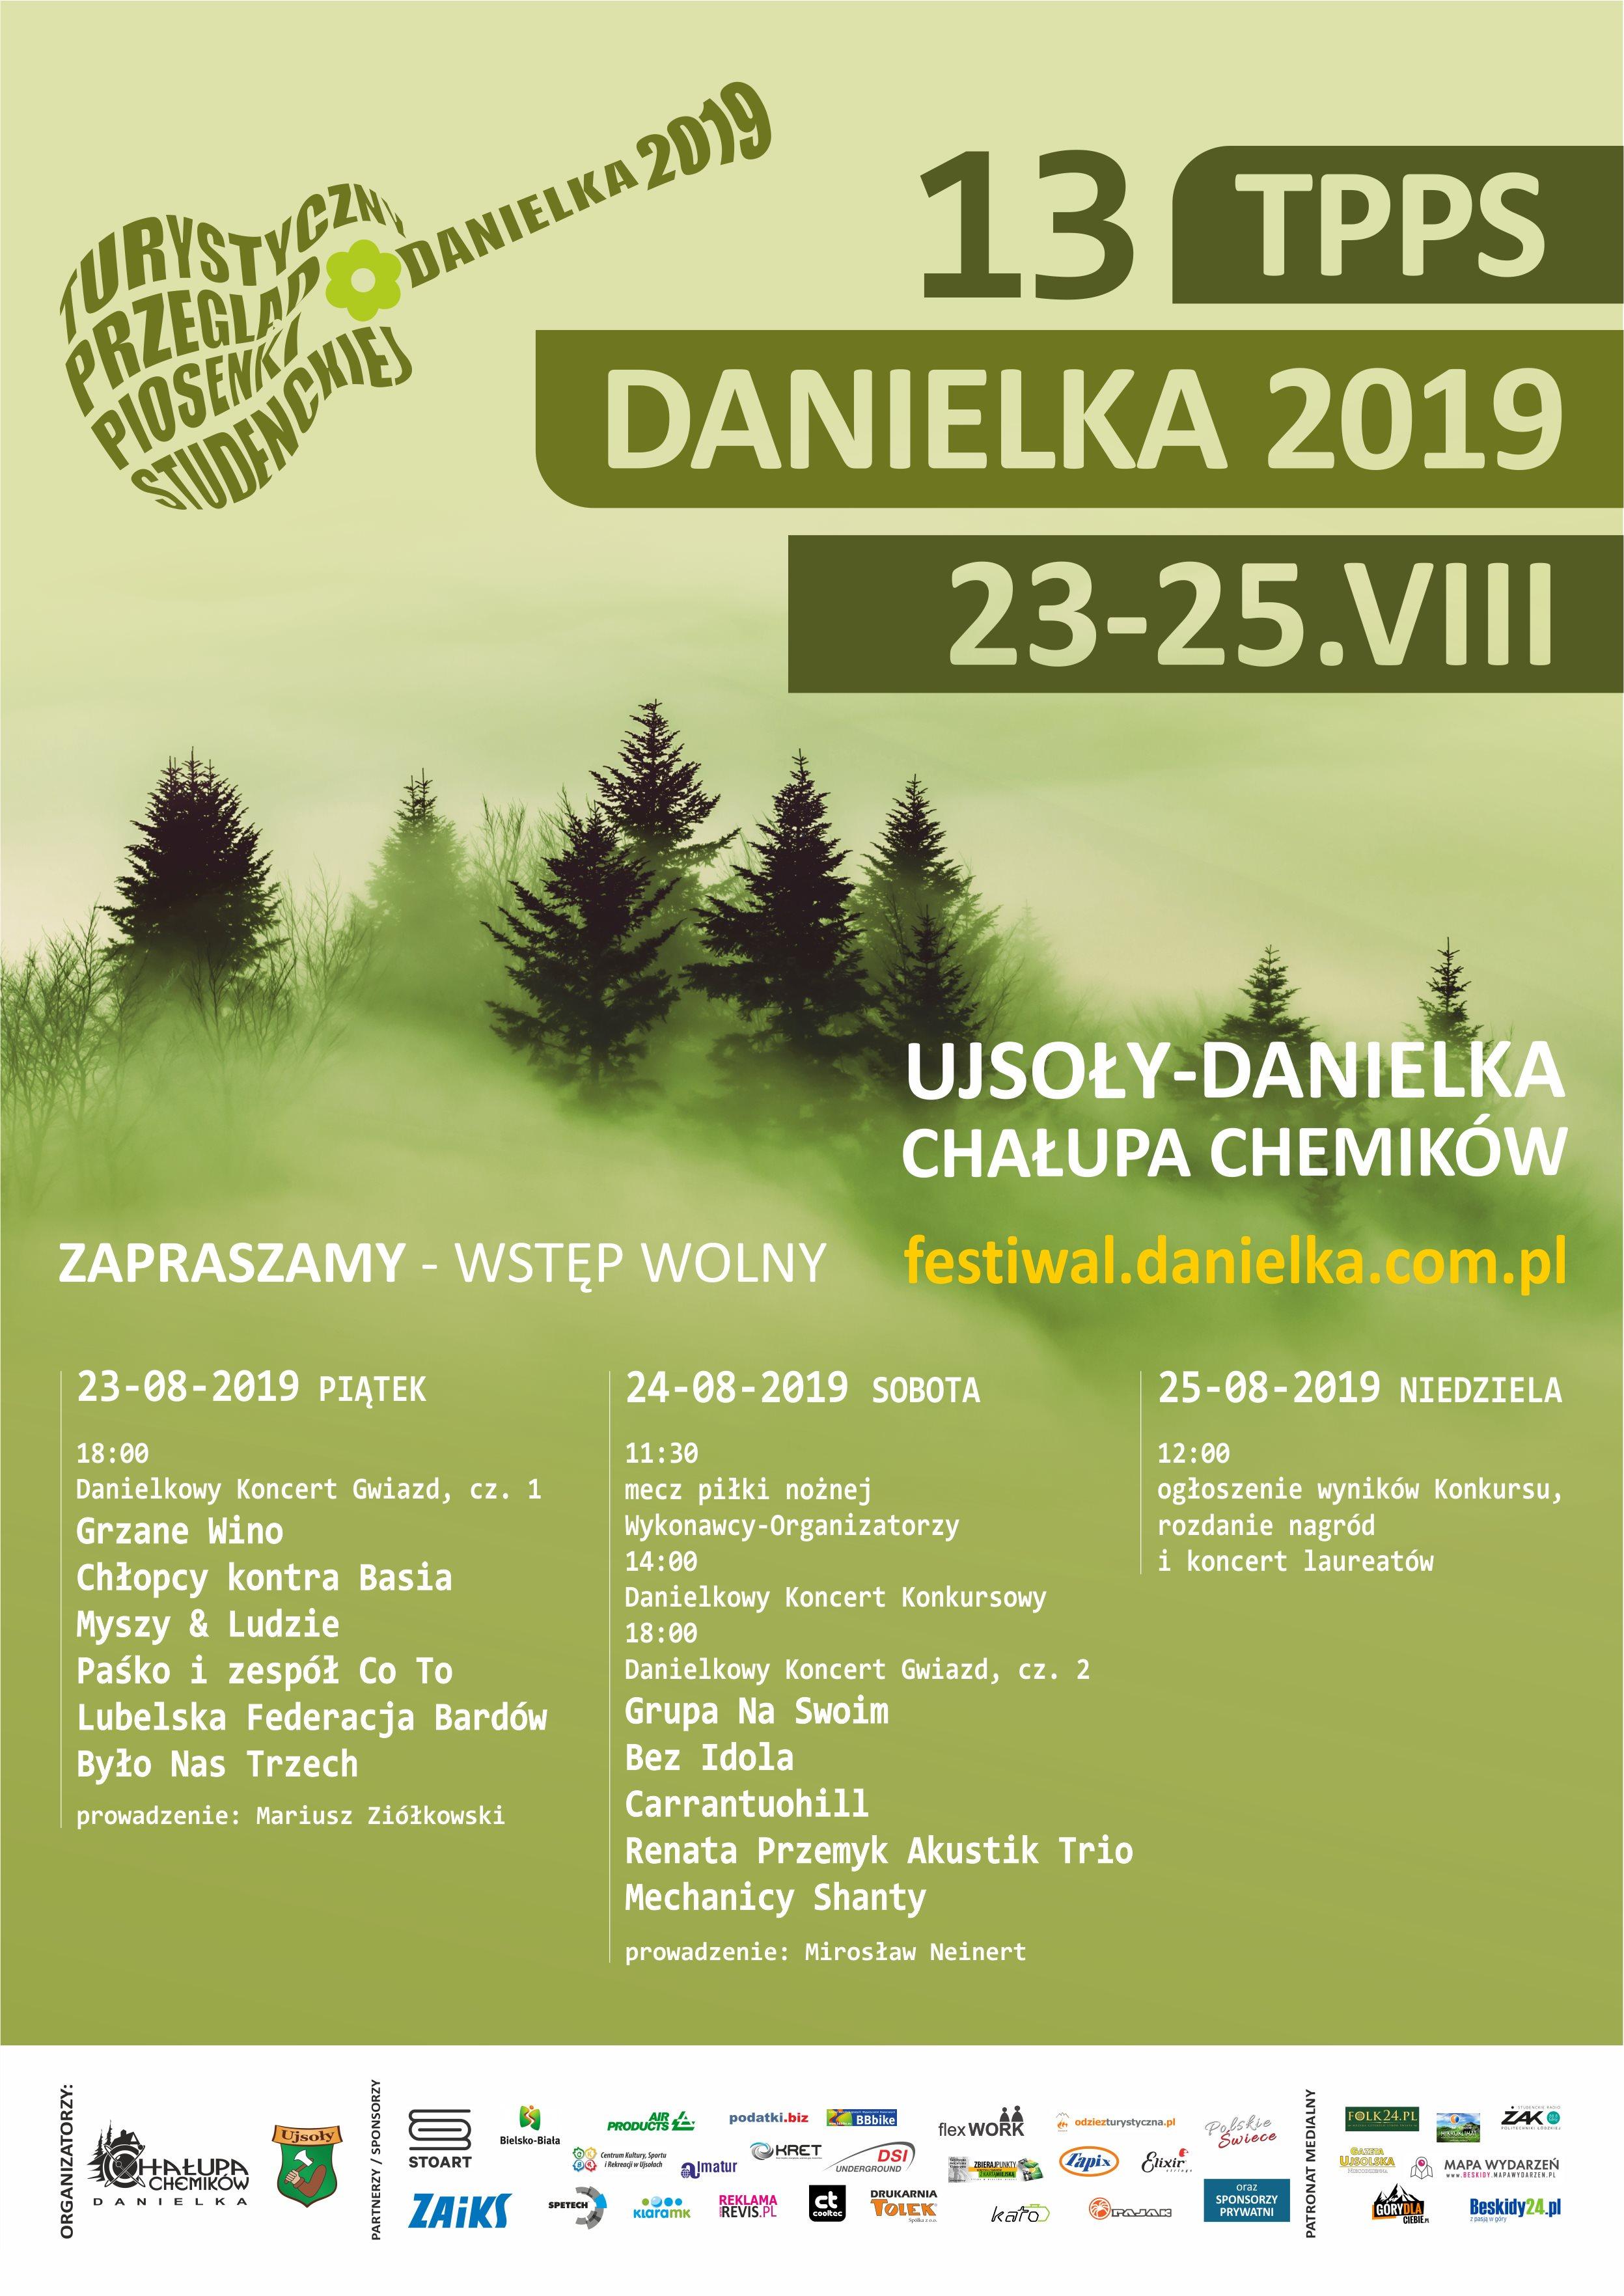 DANIELKA 2019 plakat